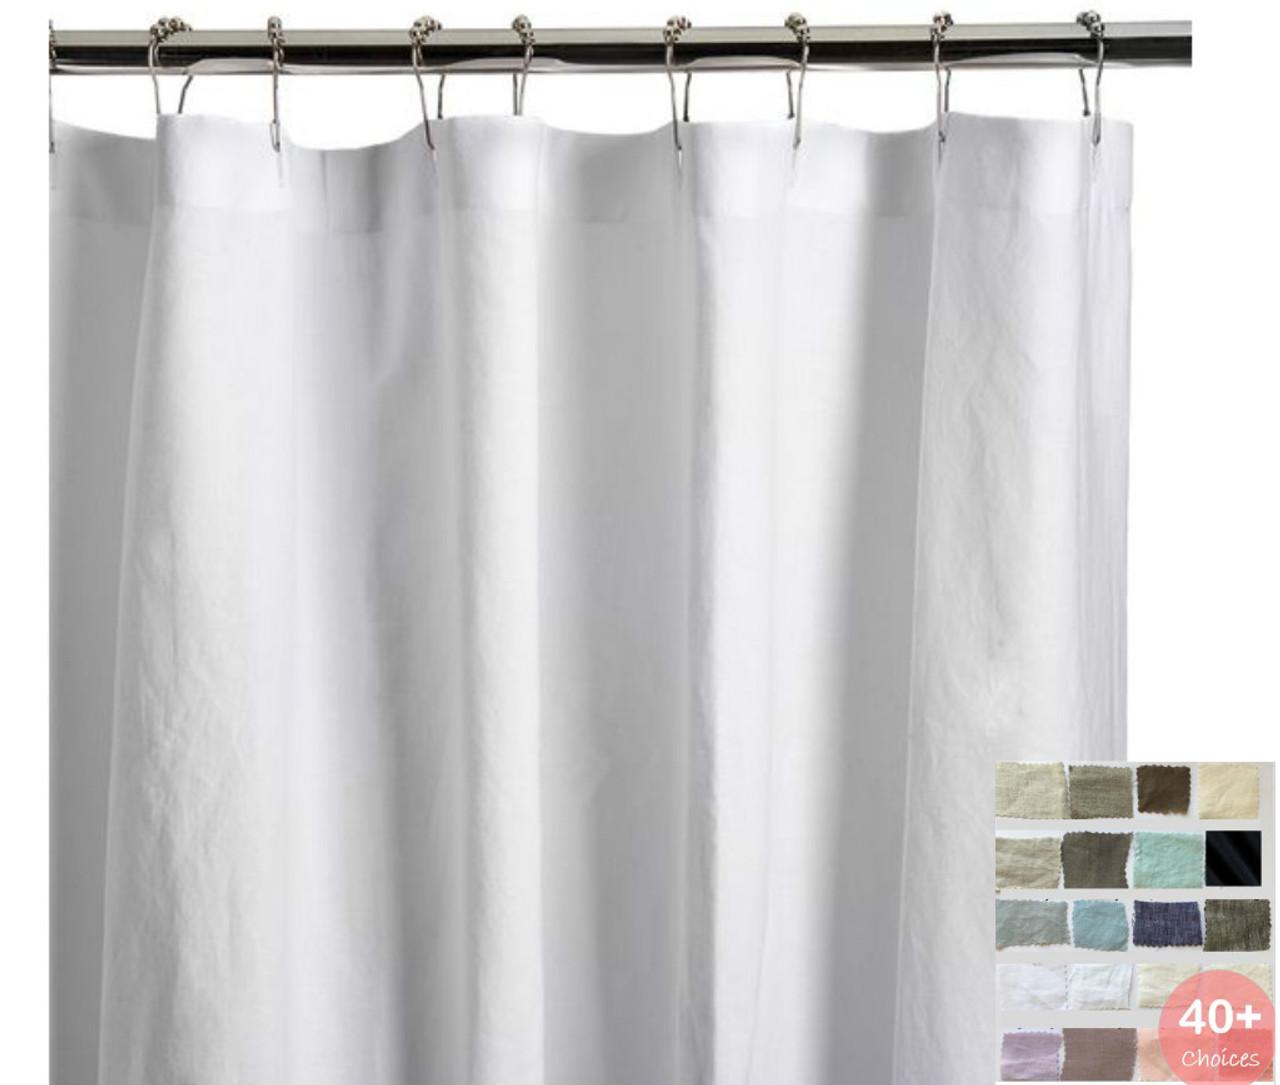 Natural Linen Shower Curtain 45 Linen Fabric Choices